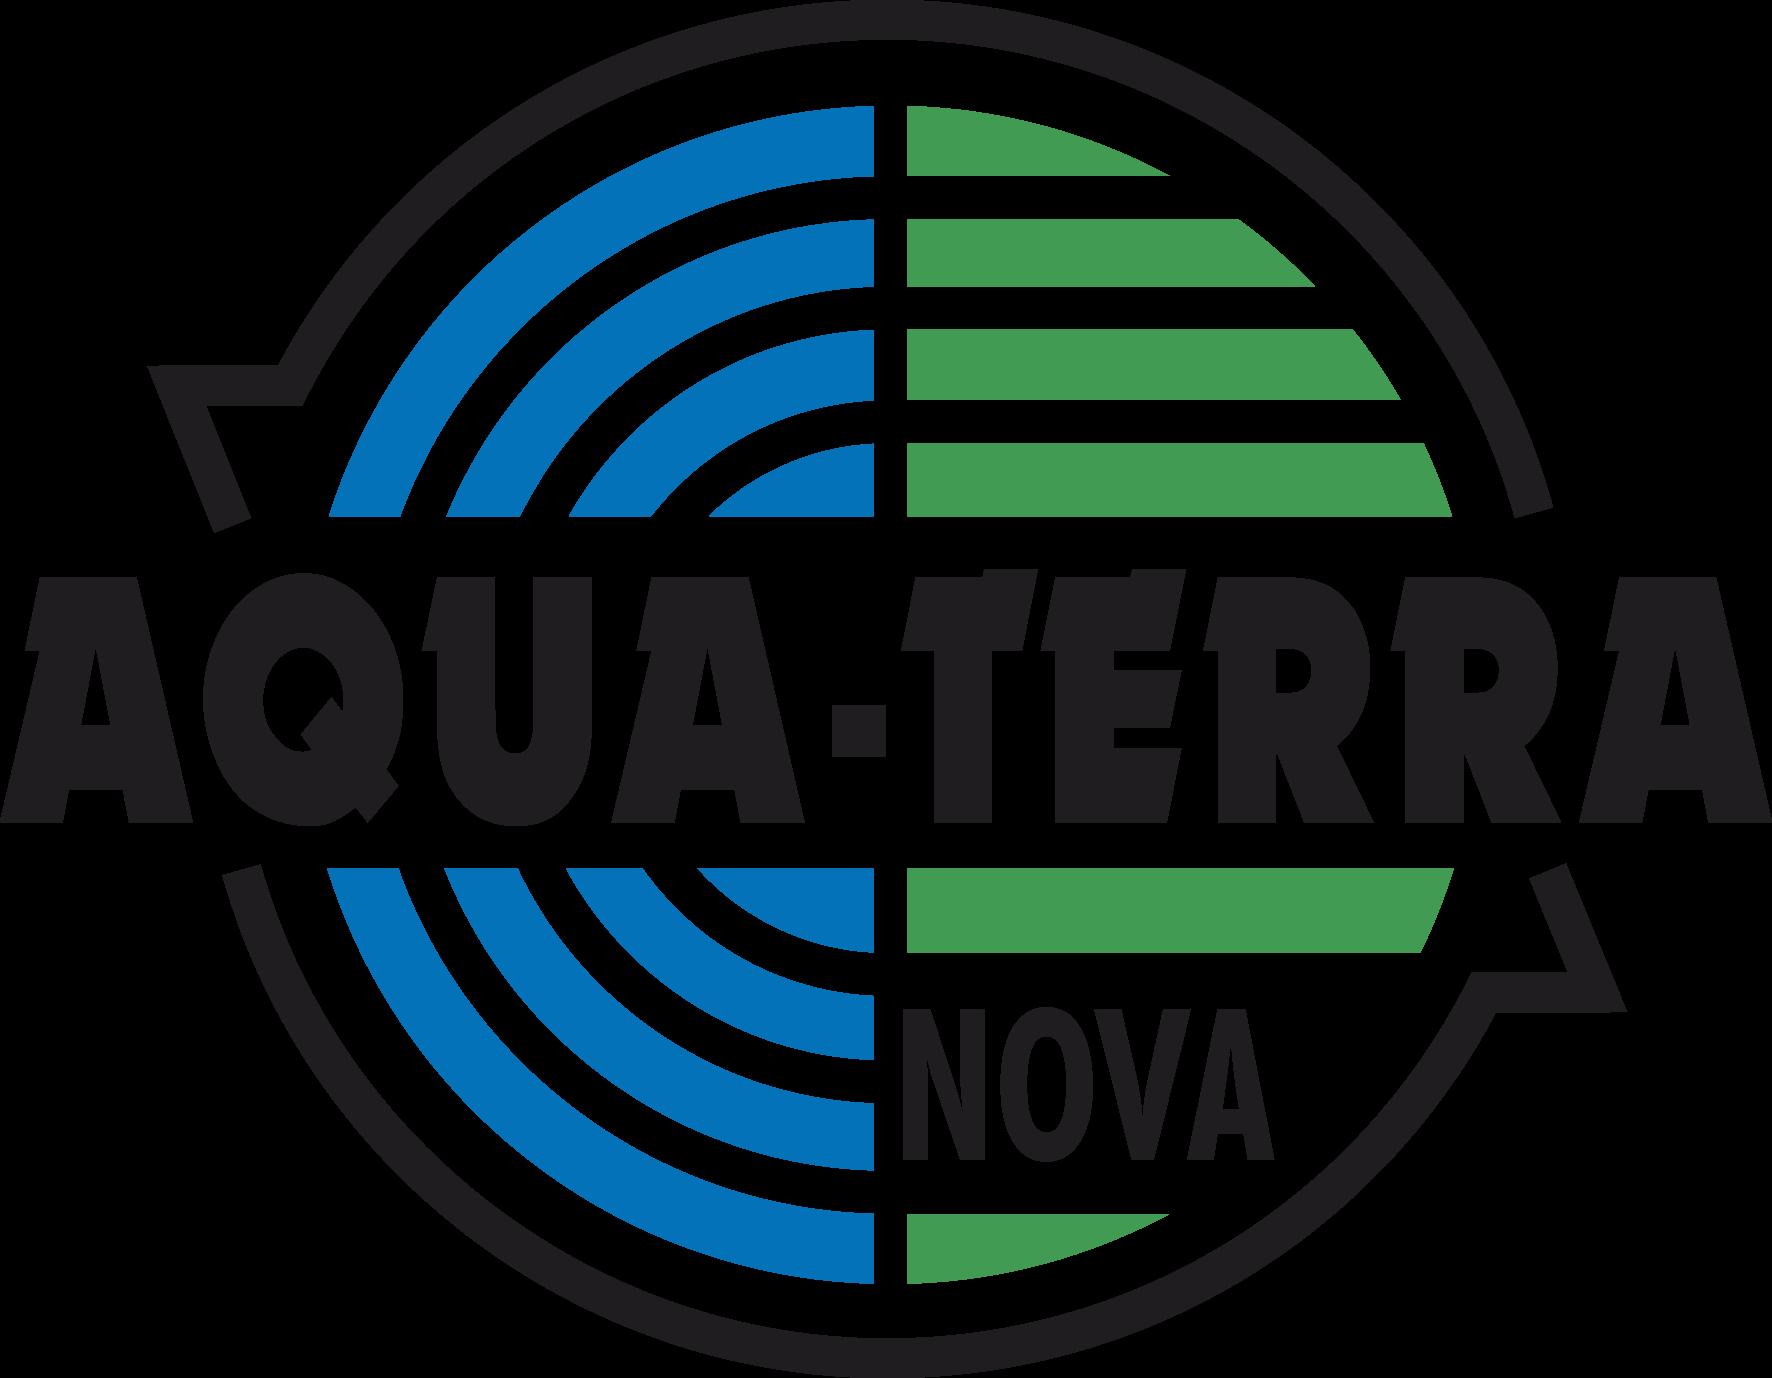 Aqua-Terra Nova BV